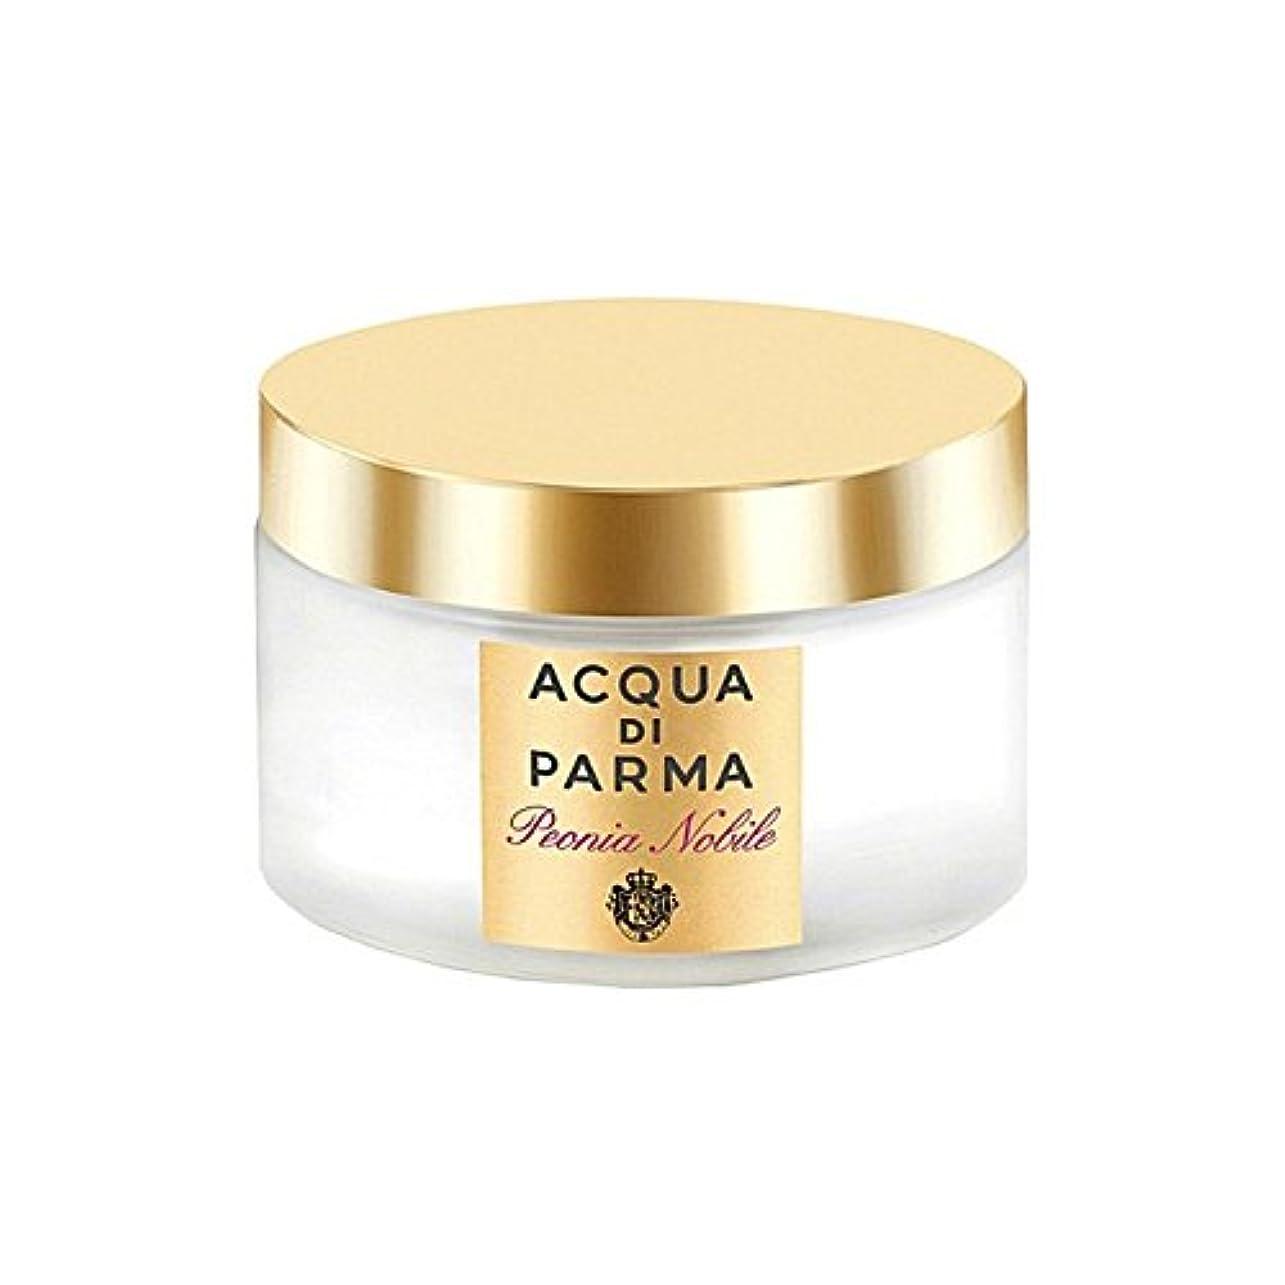 機関車何故なの同情的アクアディパルマノビレボディクリーム150ミリリットル x2 - Acqua Di Parma Peonia Nobile Body Cream 150ml (Pack of 2) [並行輸入品]